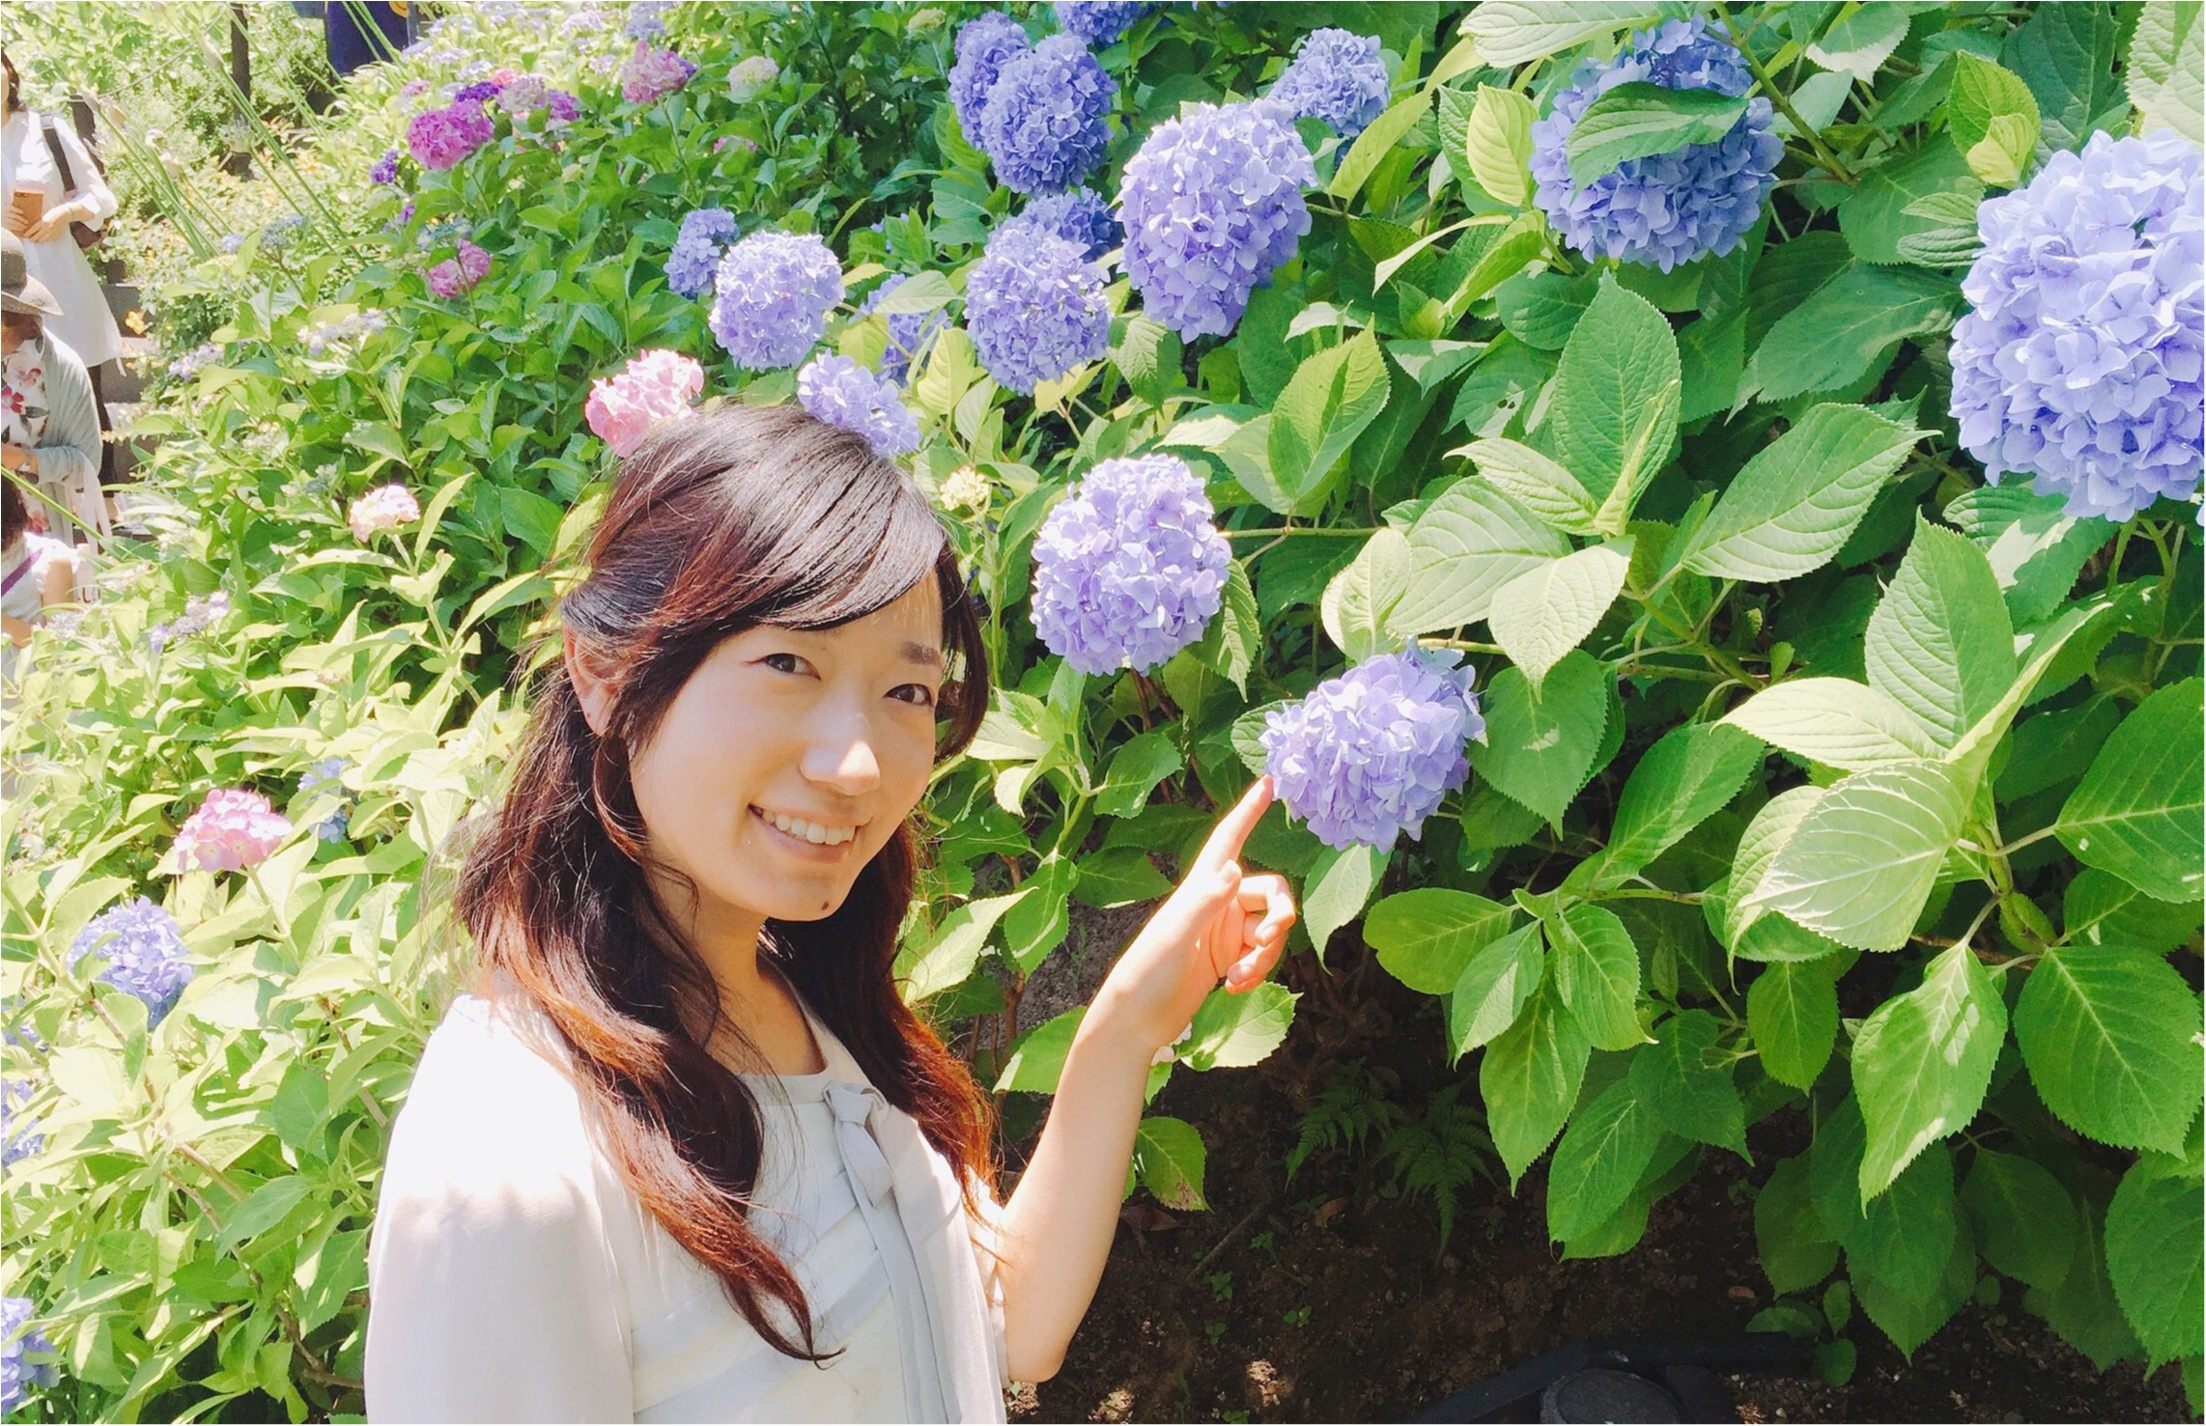 【鎌倉・長谷寺】紫陽花が見頃!待ち時間にオススメのランチスポットをご紹介♡_11